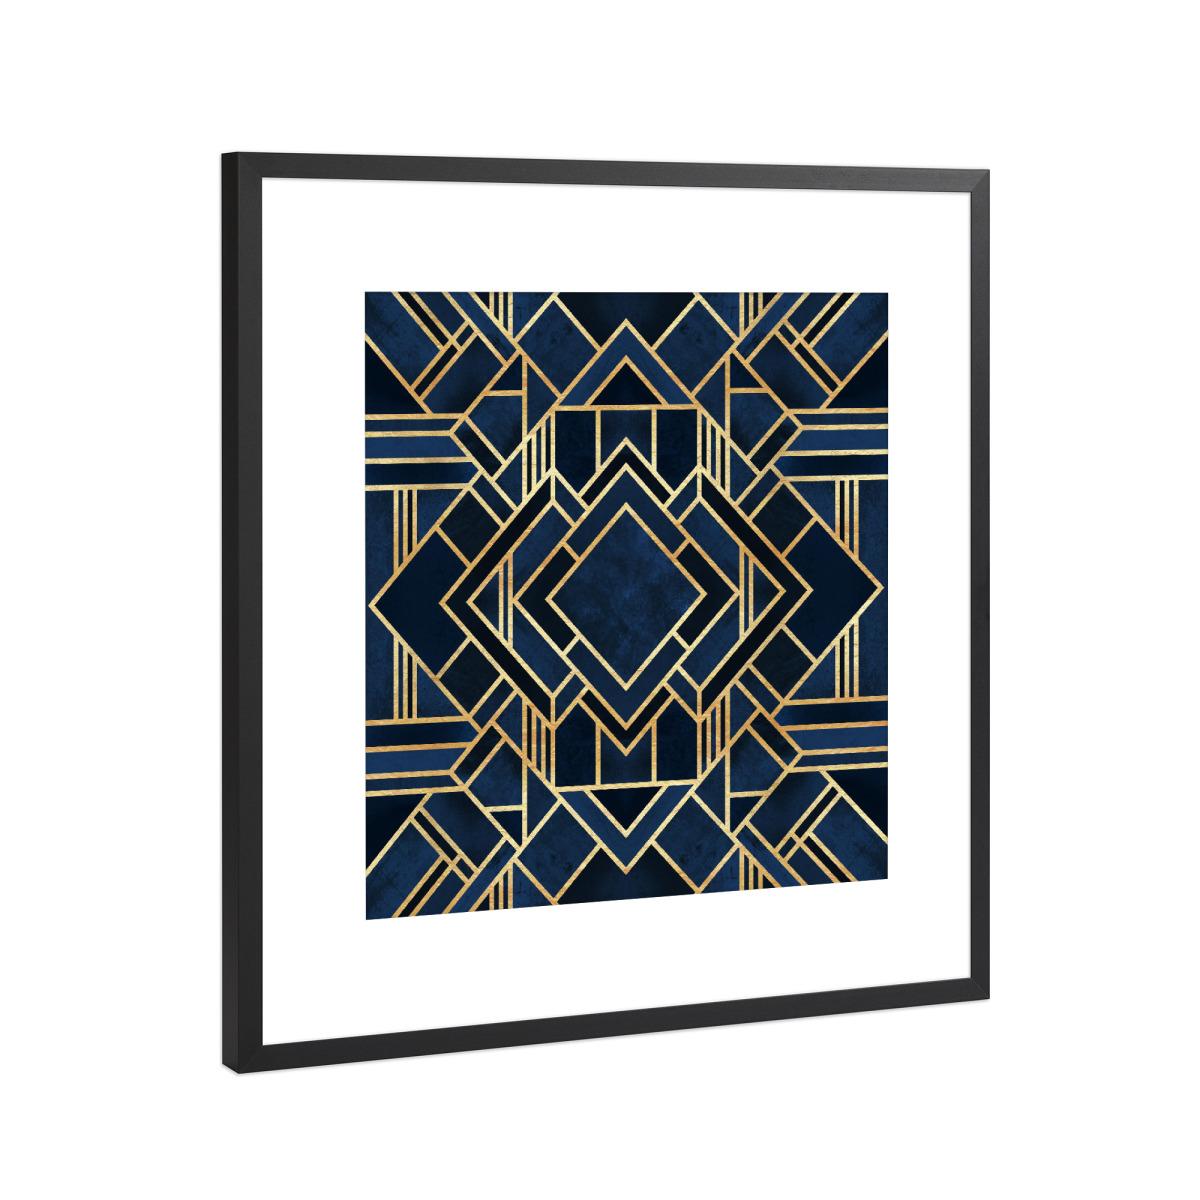 Art Deco Fancy Blue als Gerahmt bei artboxONE kaufen